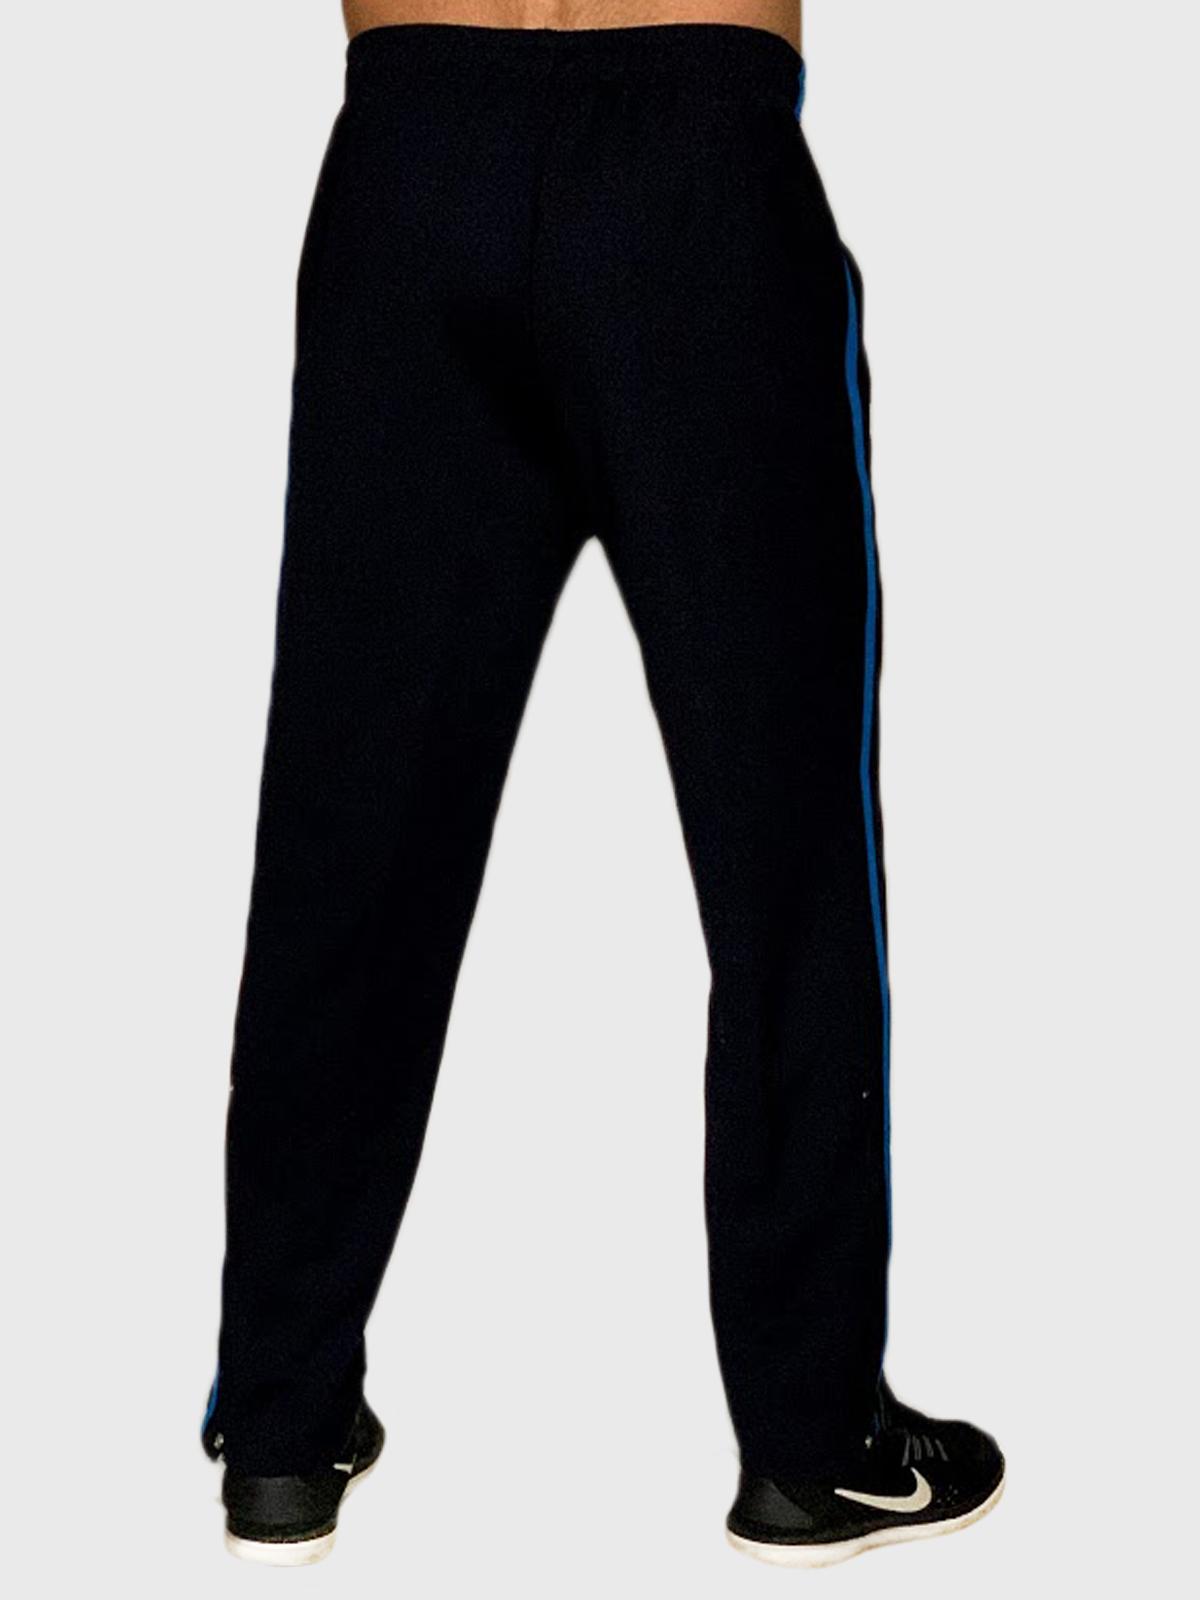 Фирменные штаны для спорта и дома от ТМ Fila